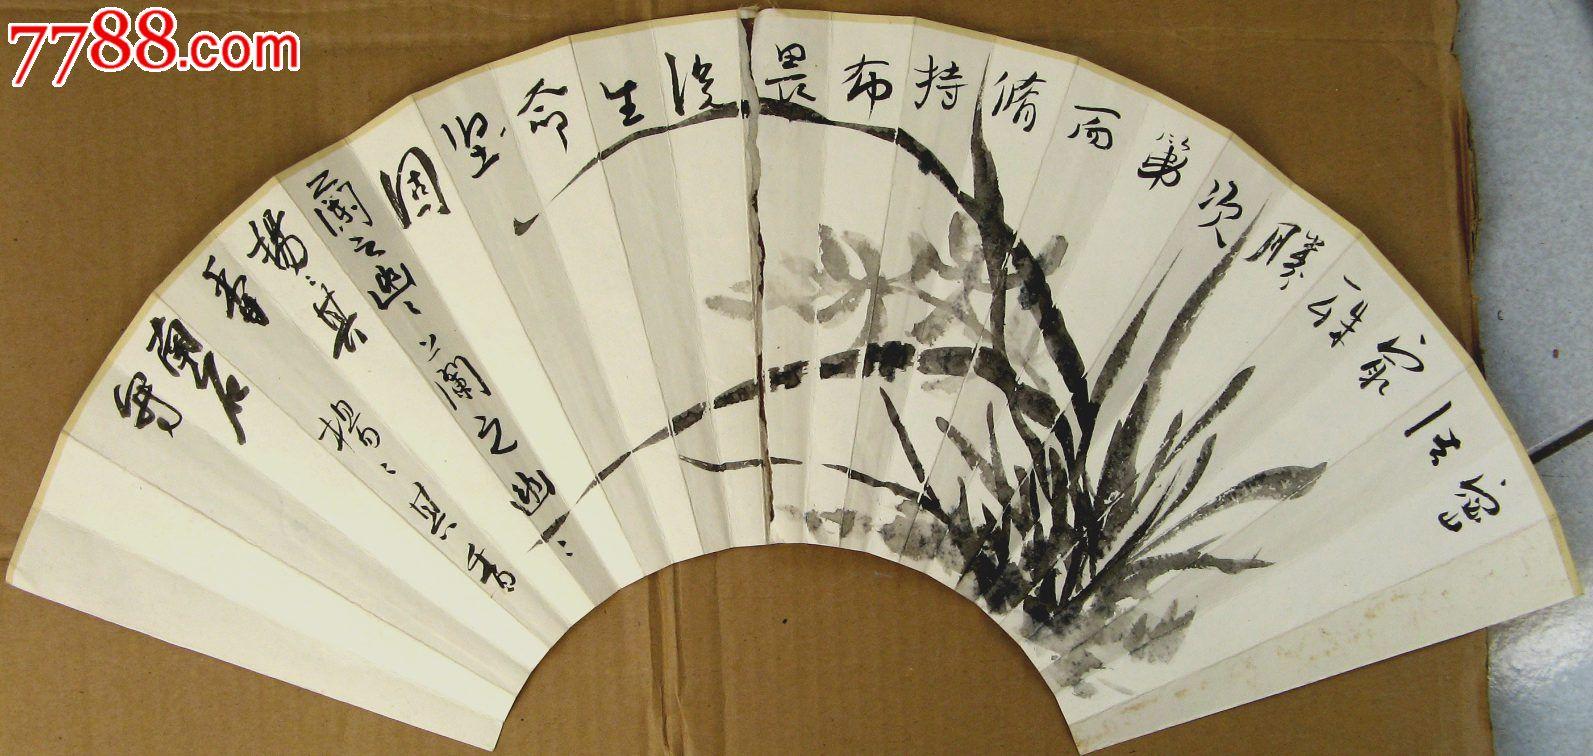 二尺横幅书画折扇扇面:诗词,兰花